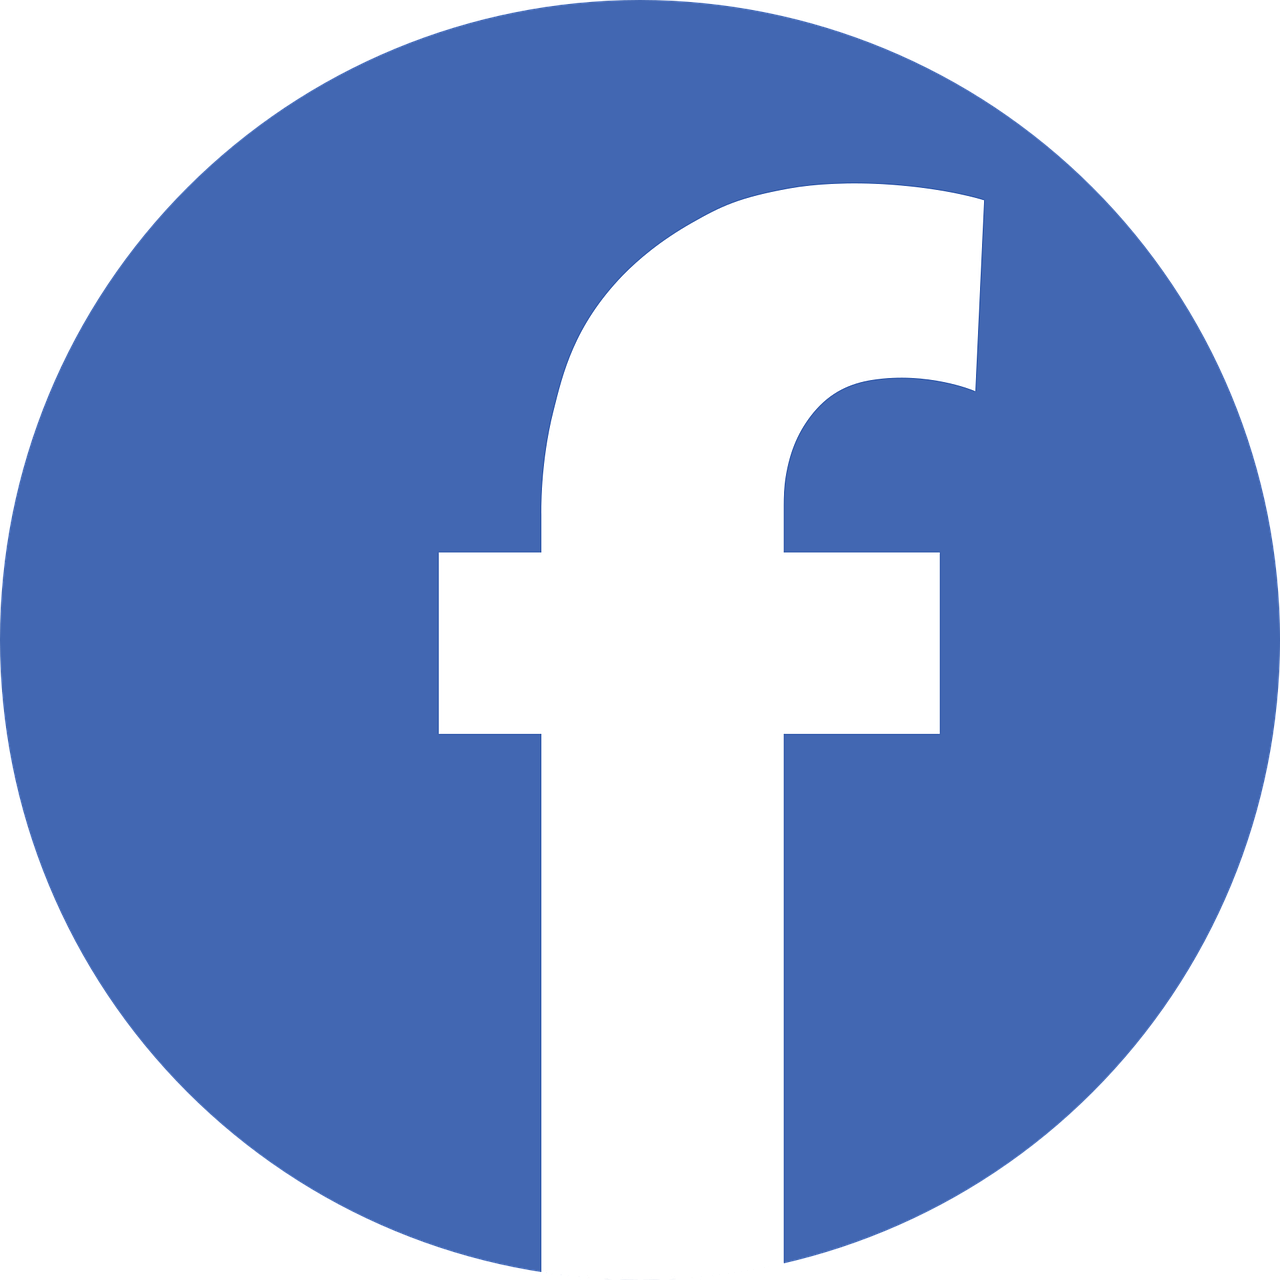 Facebook Logo Socialmedia - Free vector graphic on Pixabay